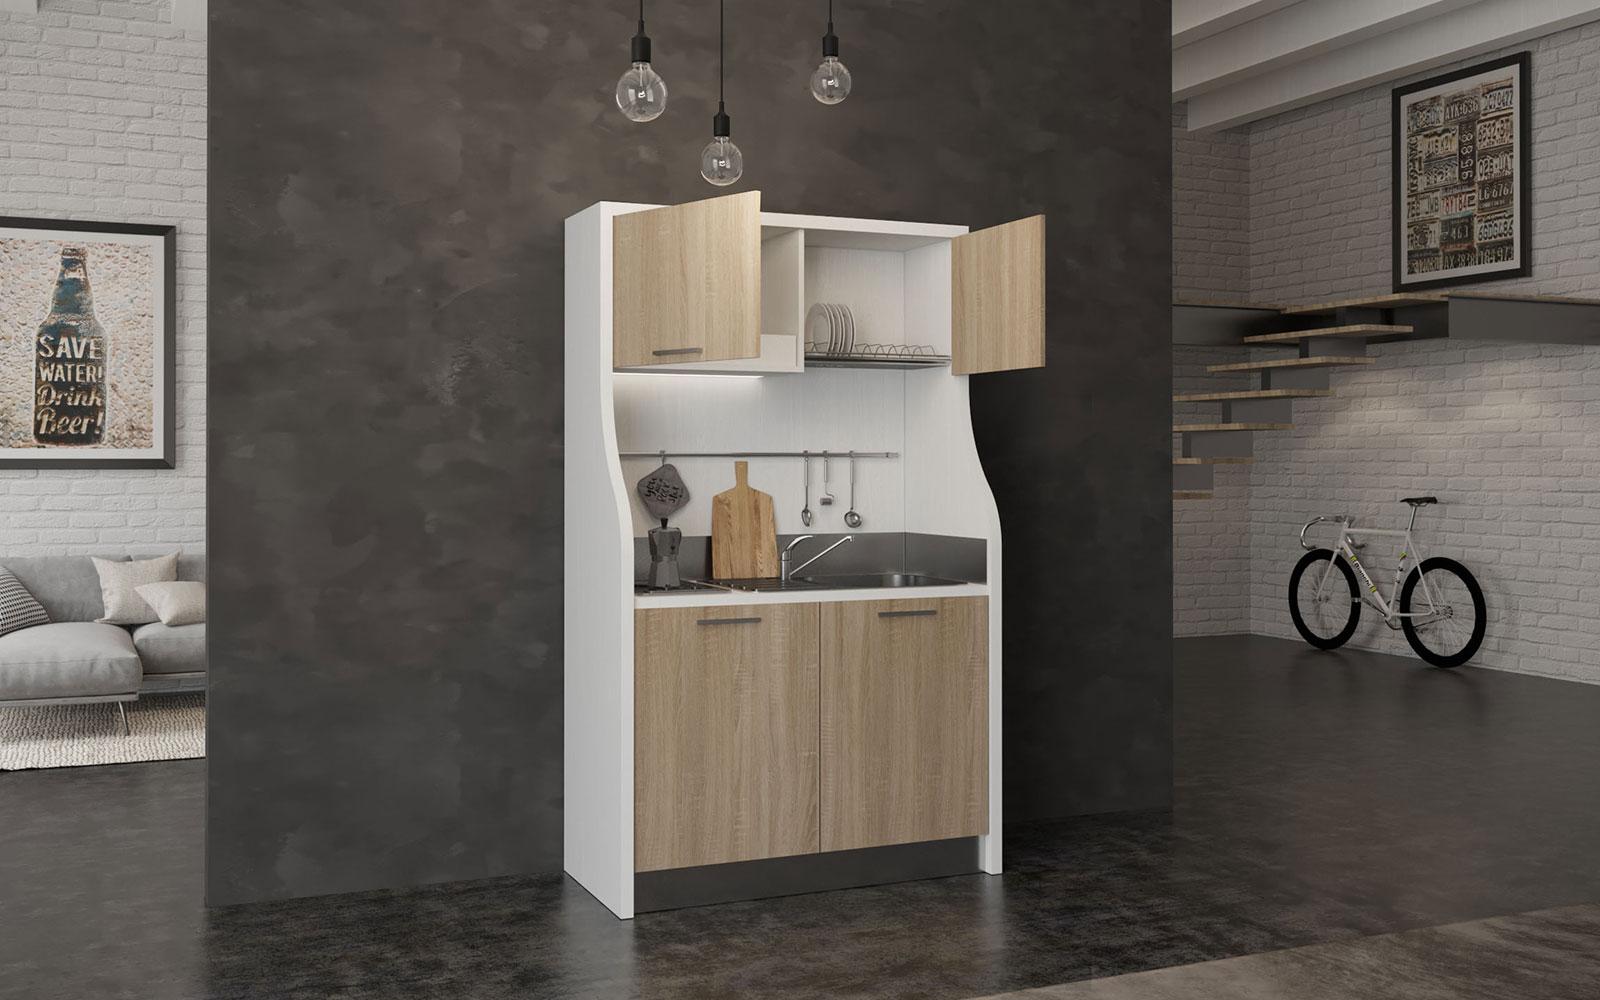 Mini cucina monoblocco 130cm retrò rustica con 2 fuochi e frigo